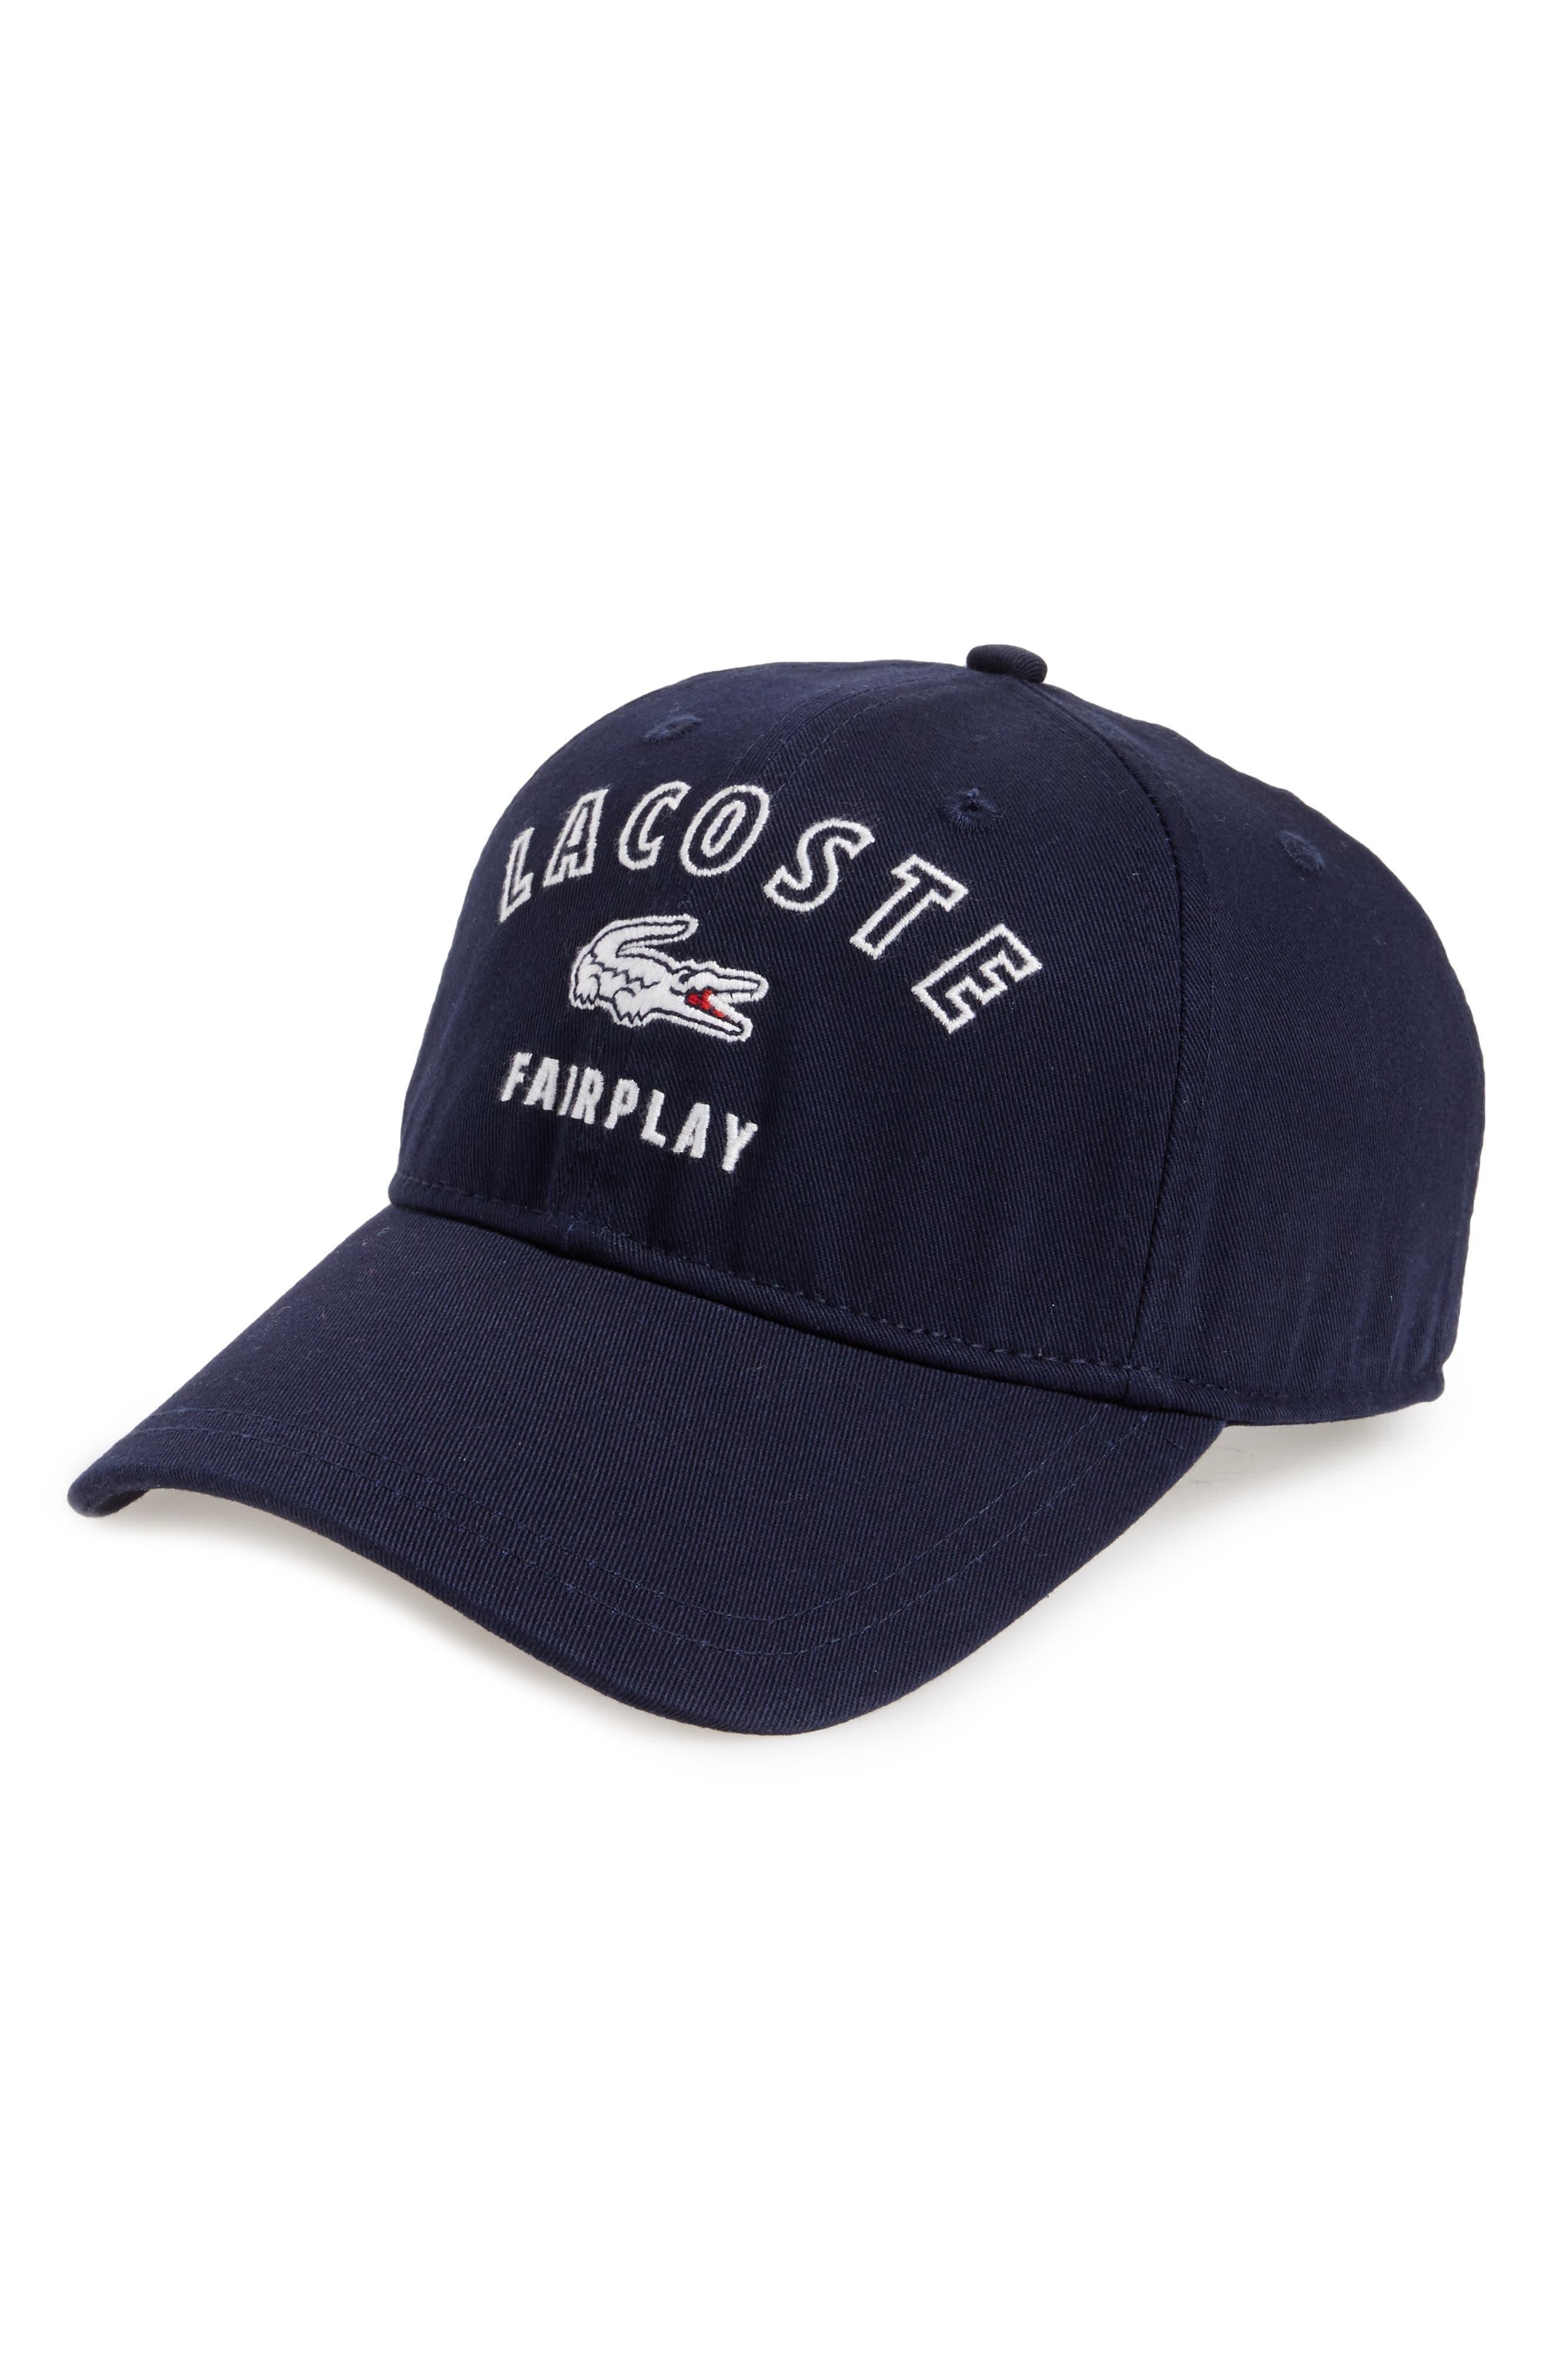 Fairplay Gabardine Ball Cap,                         Main,                         color, Navy Blue